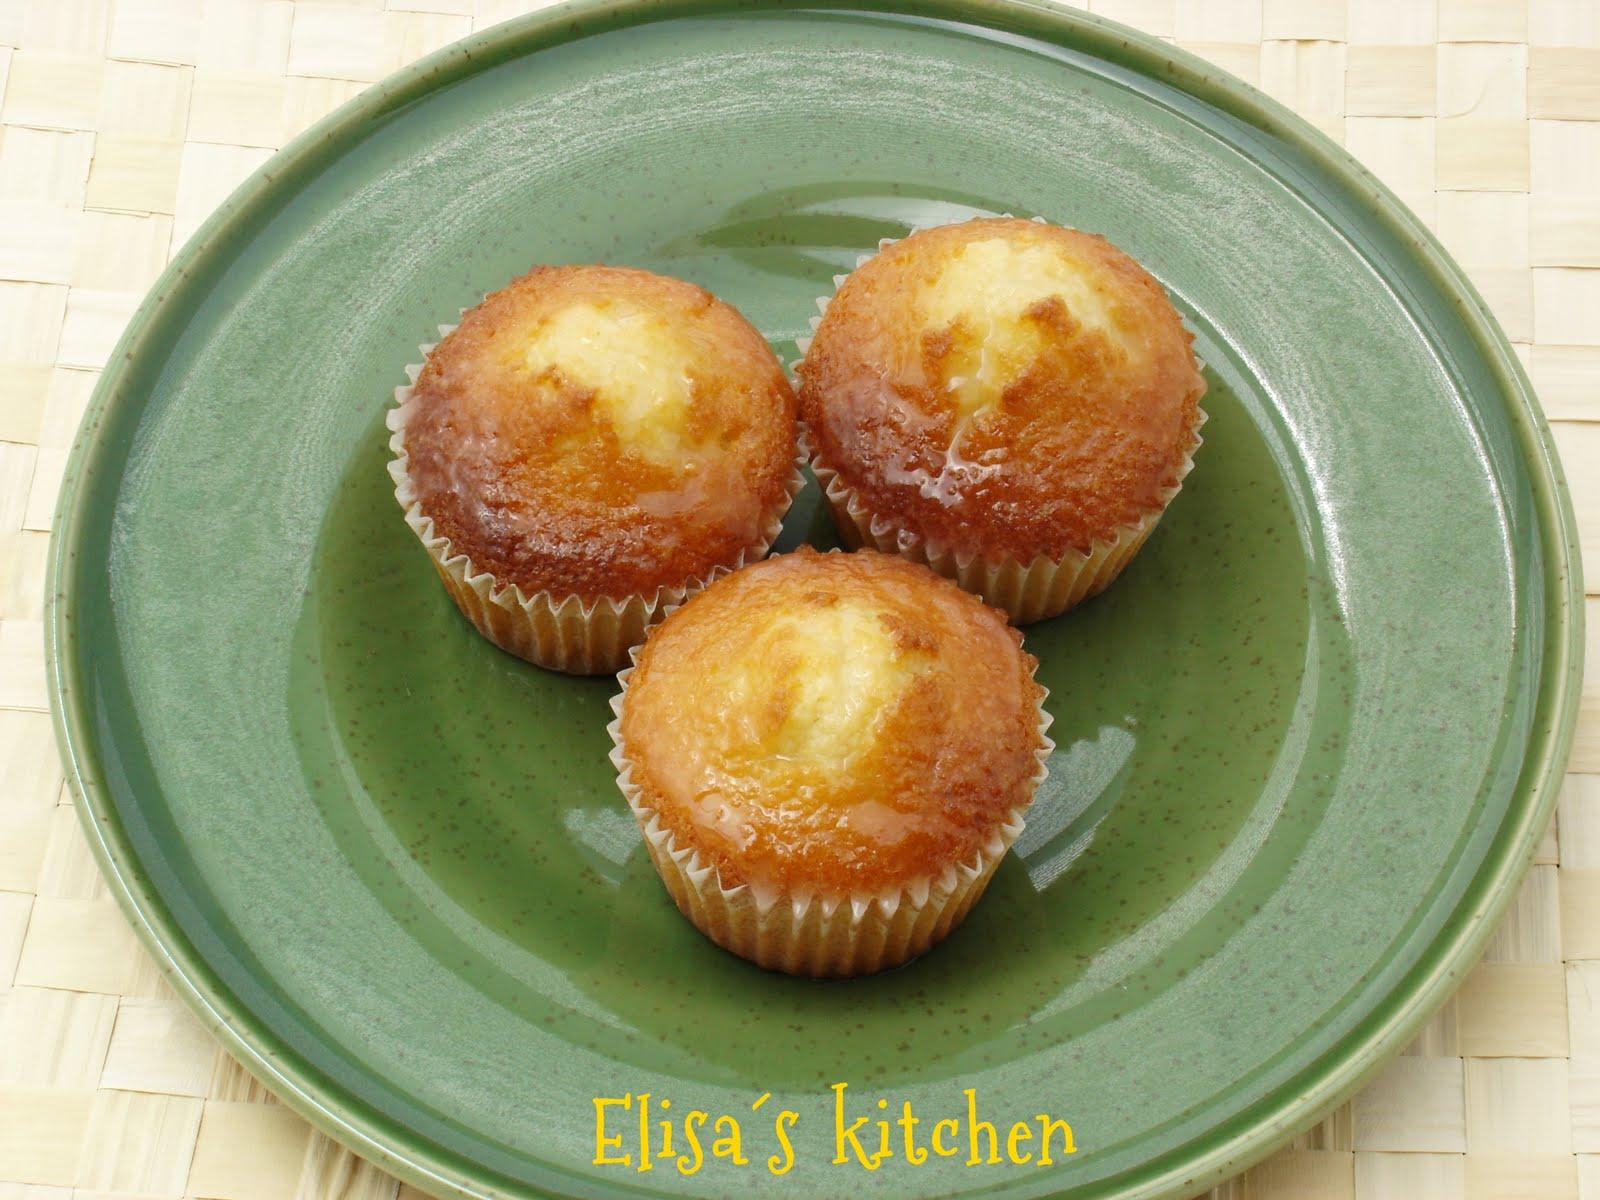 Elisa´s kitchen: Magdalenas de limón y almendra